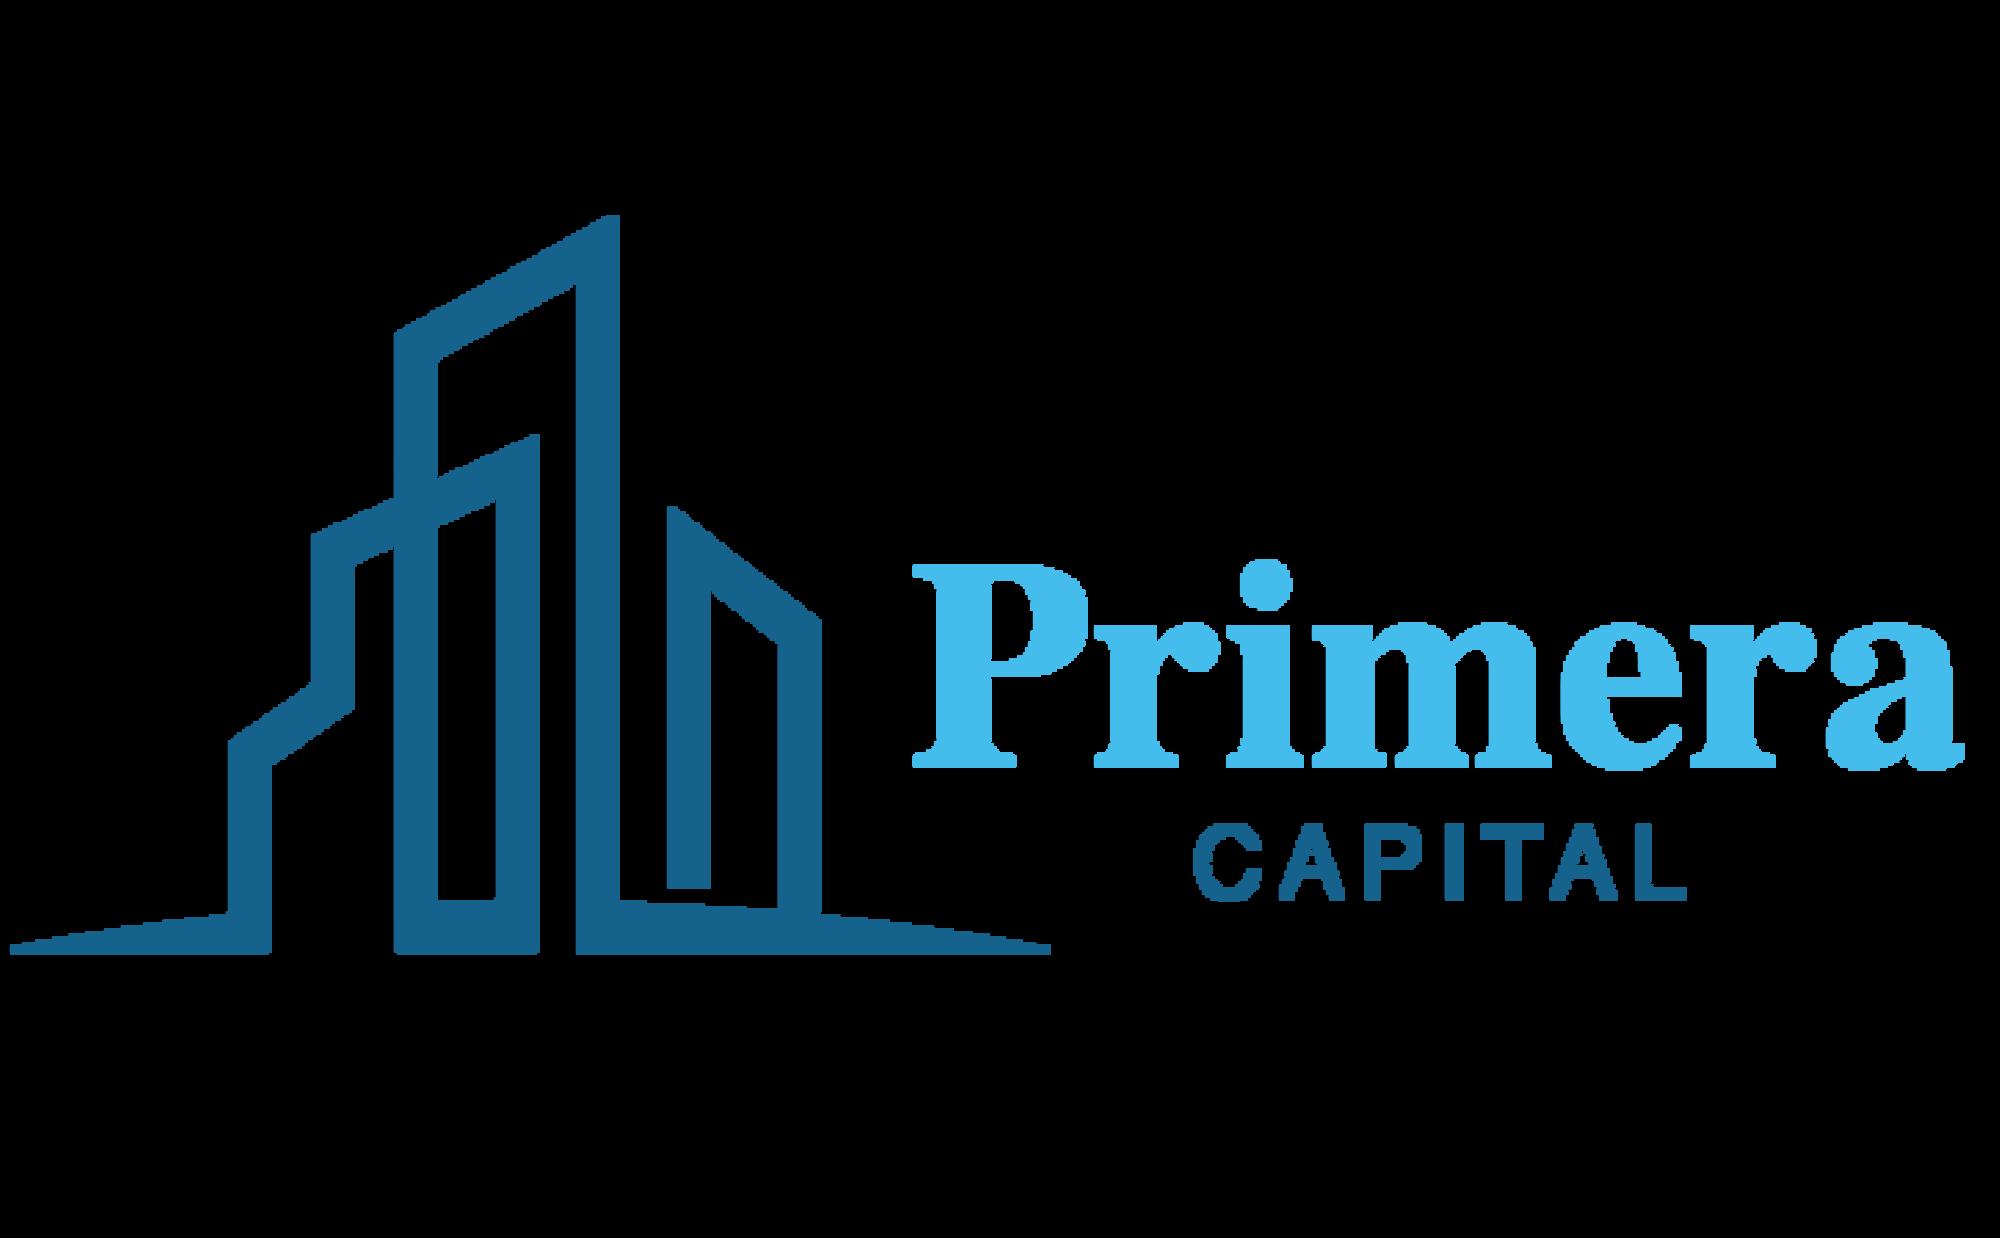 Primera Capital